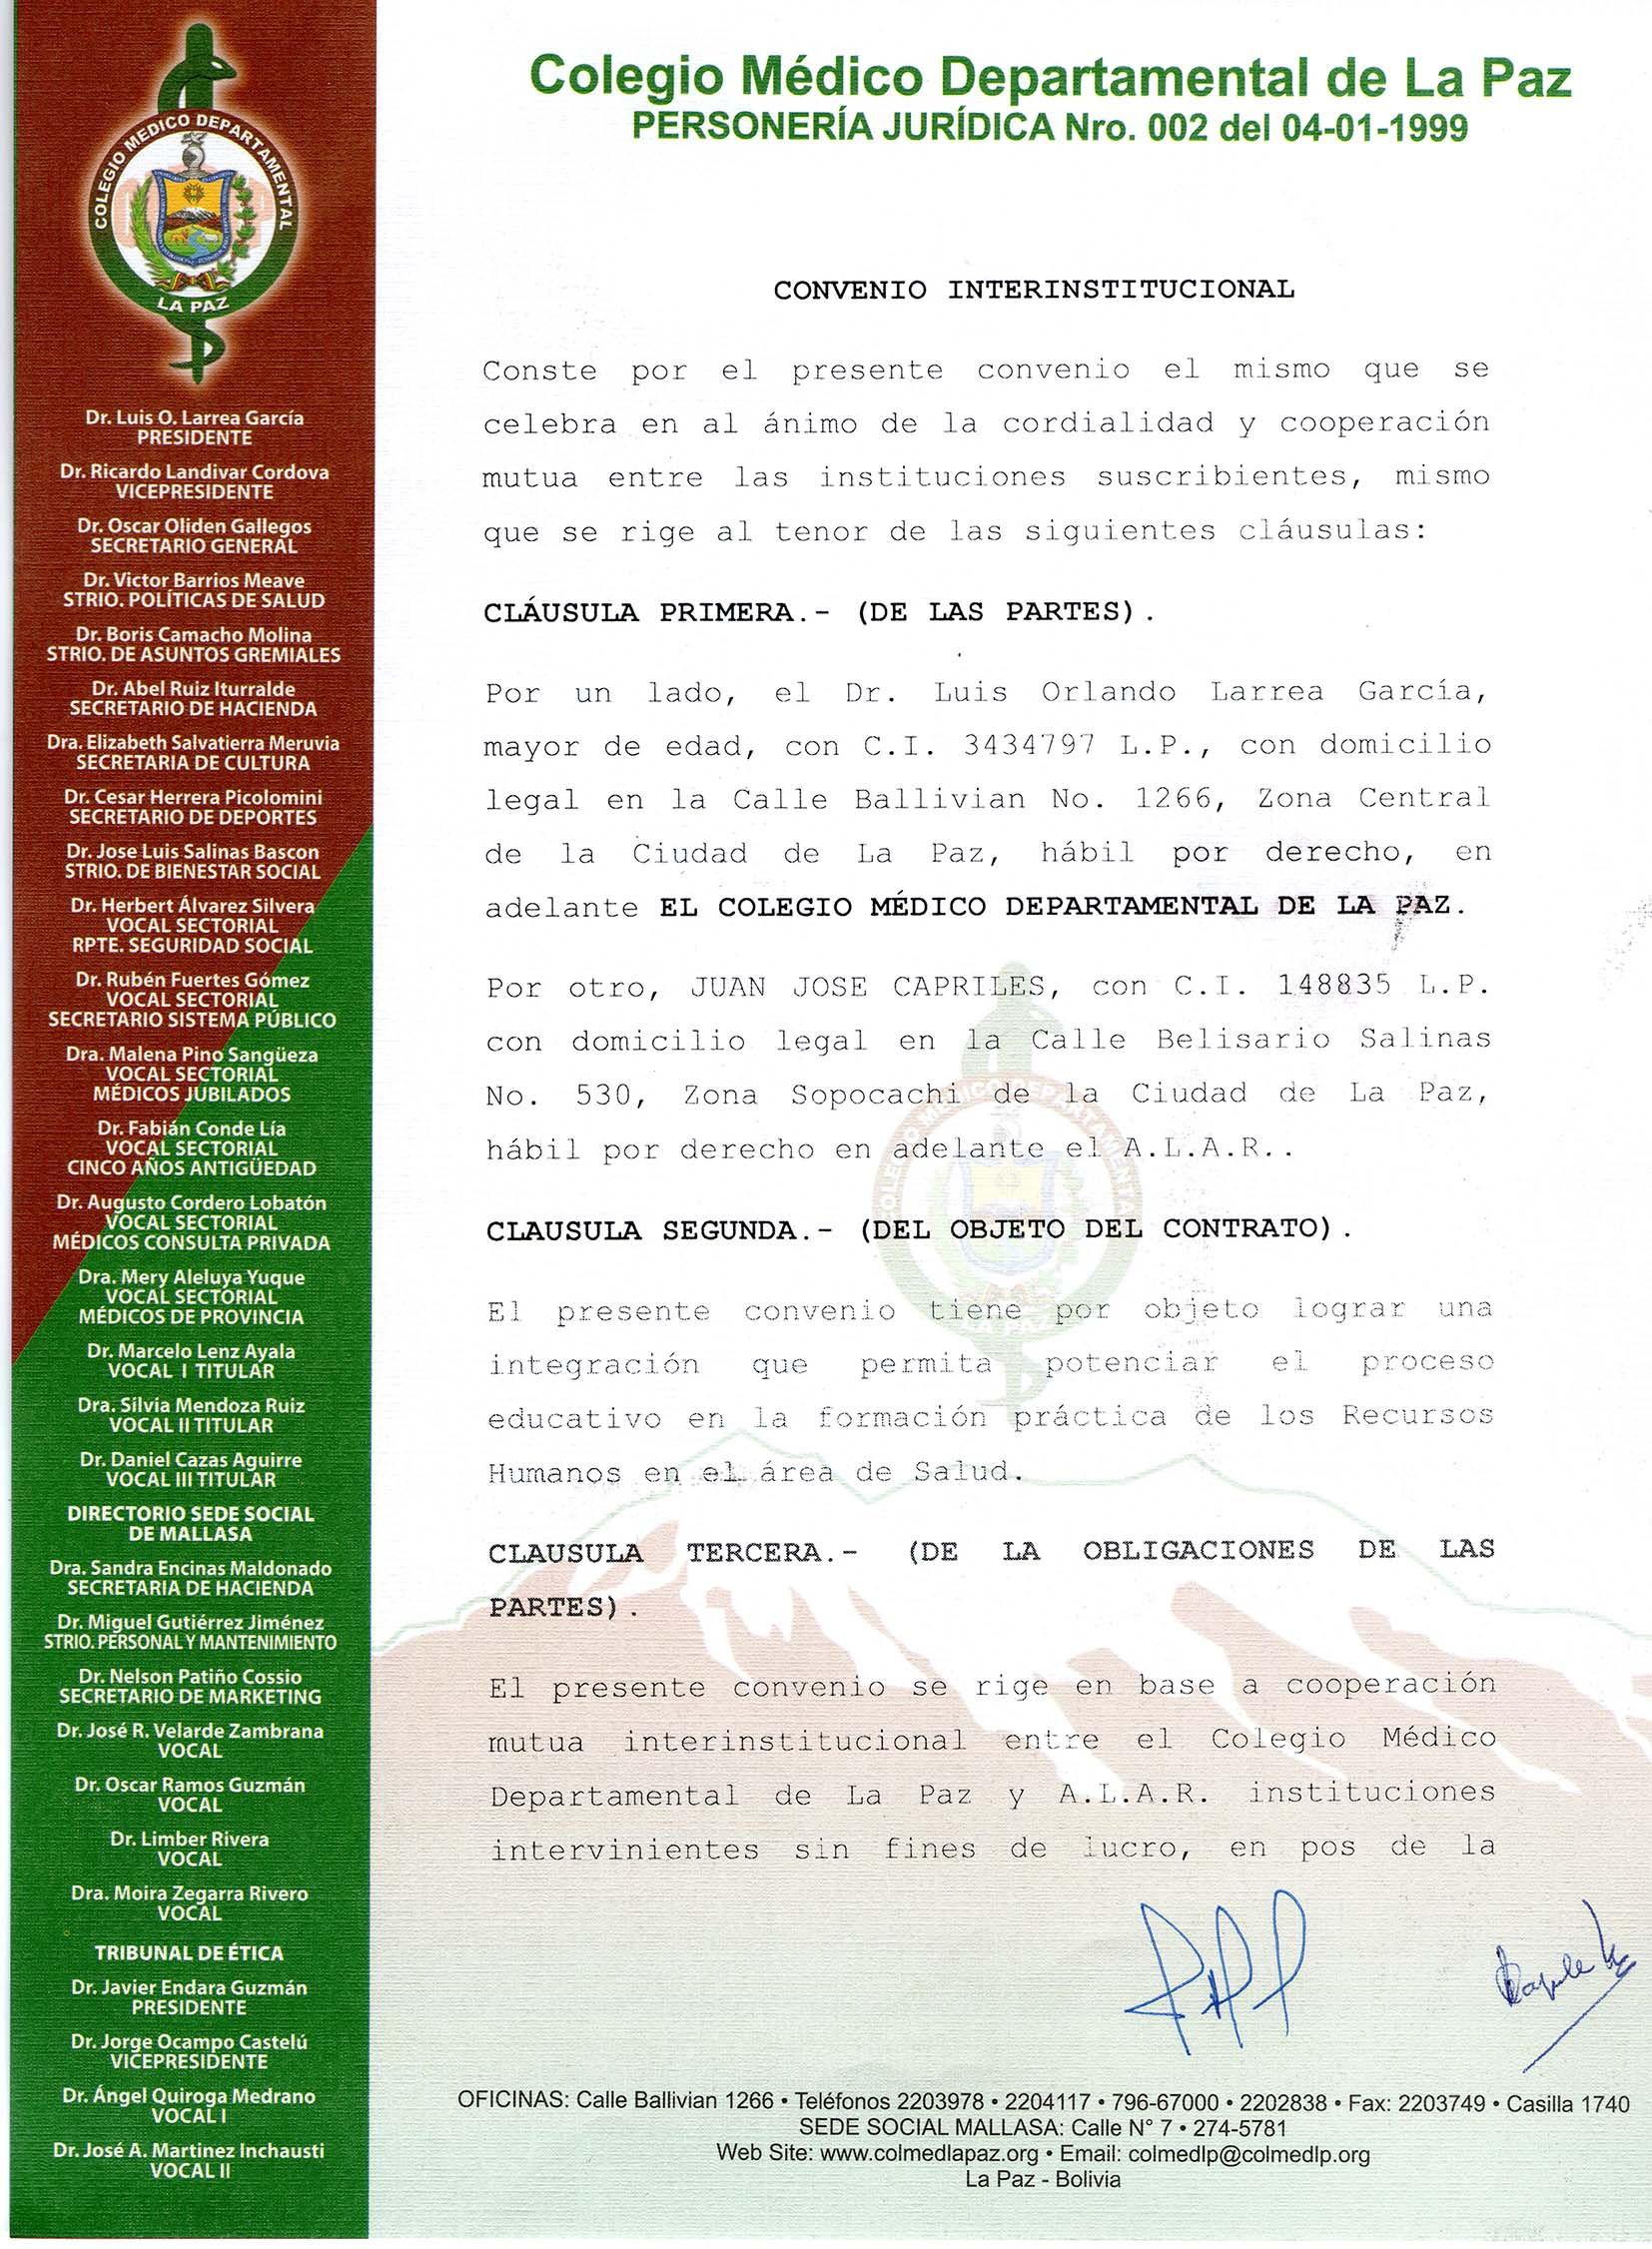 Convenio con el Colegio Médico de La Paz